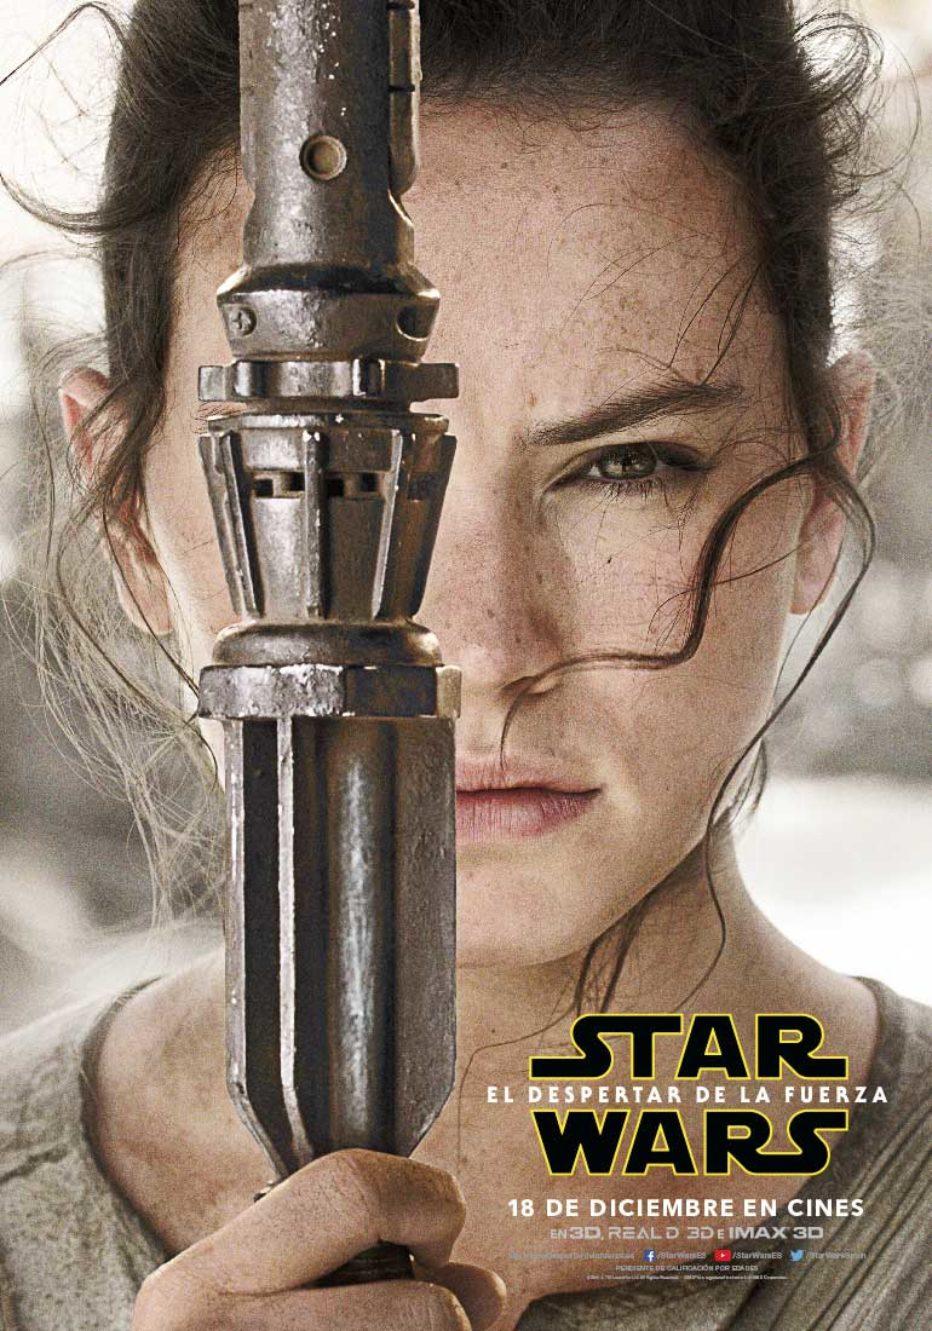 Posters individuales de Star Wars: El despertar de la fuerza